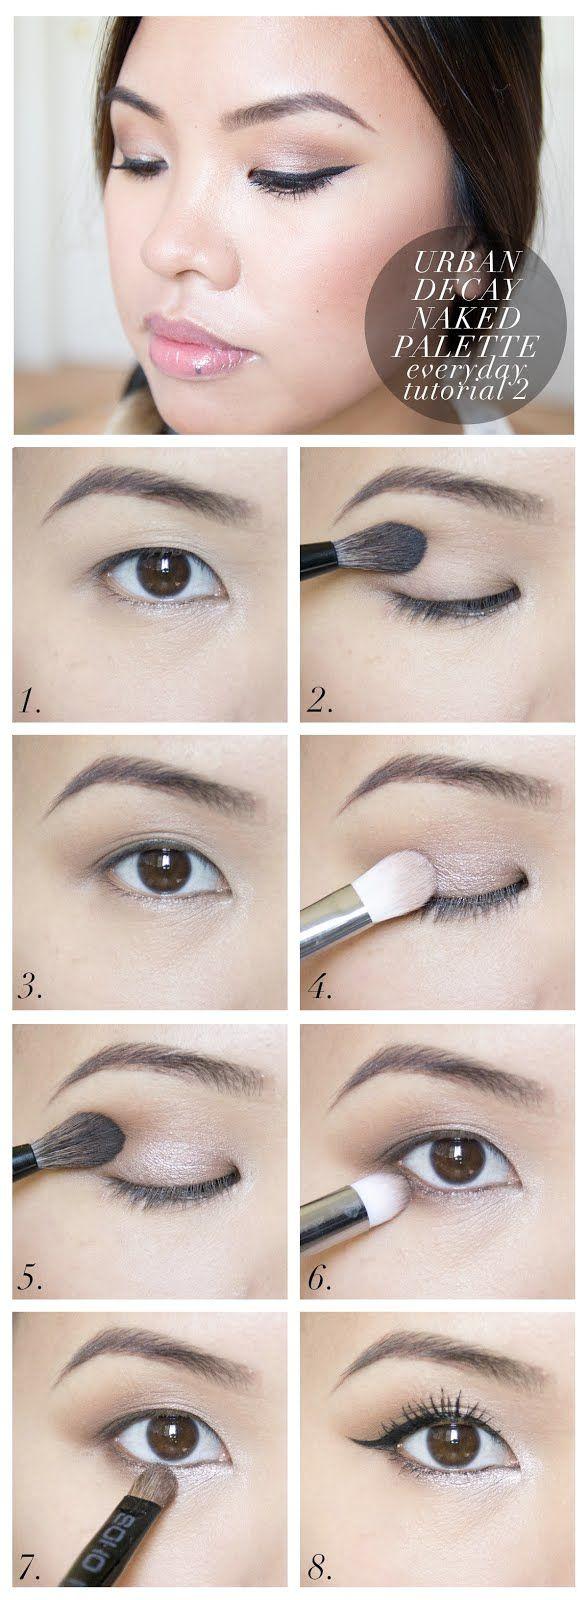 Maquiagem fácil Passo a Passo - Blog Cris Felix